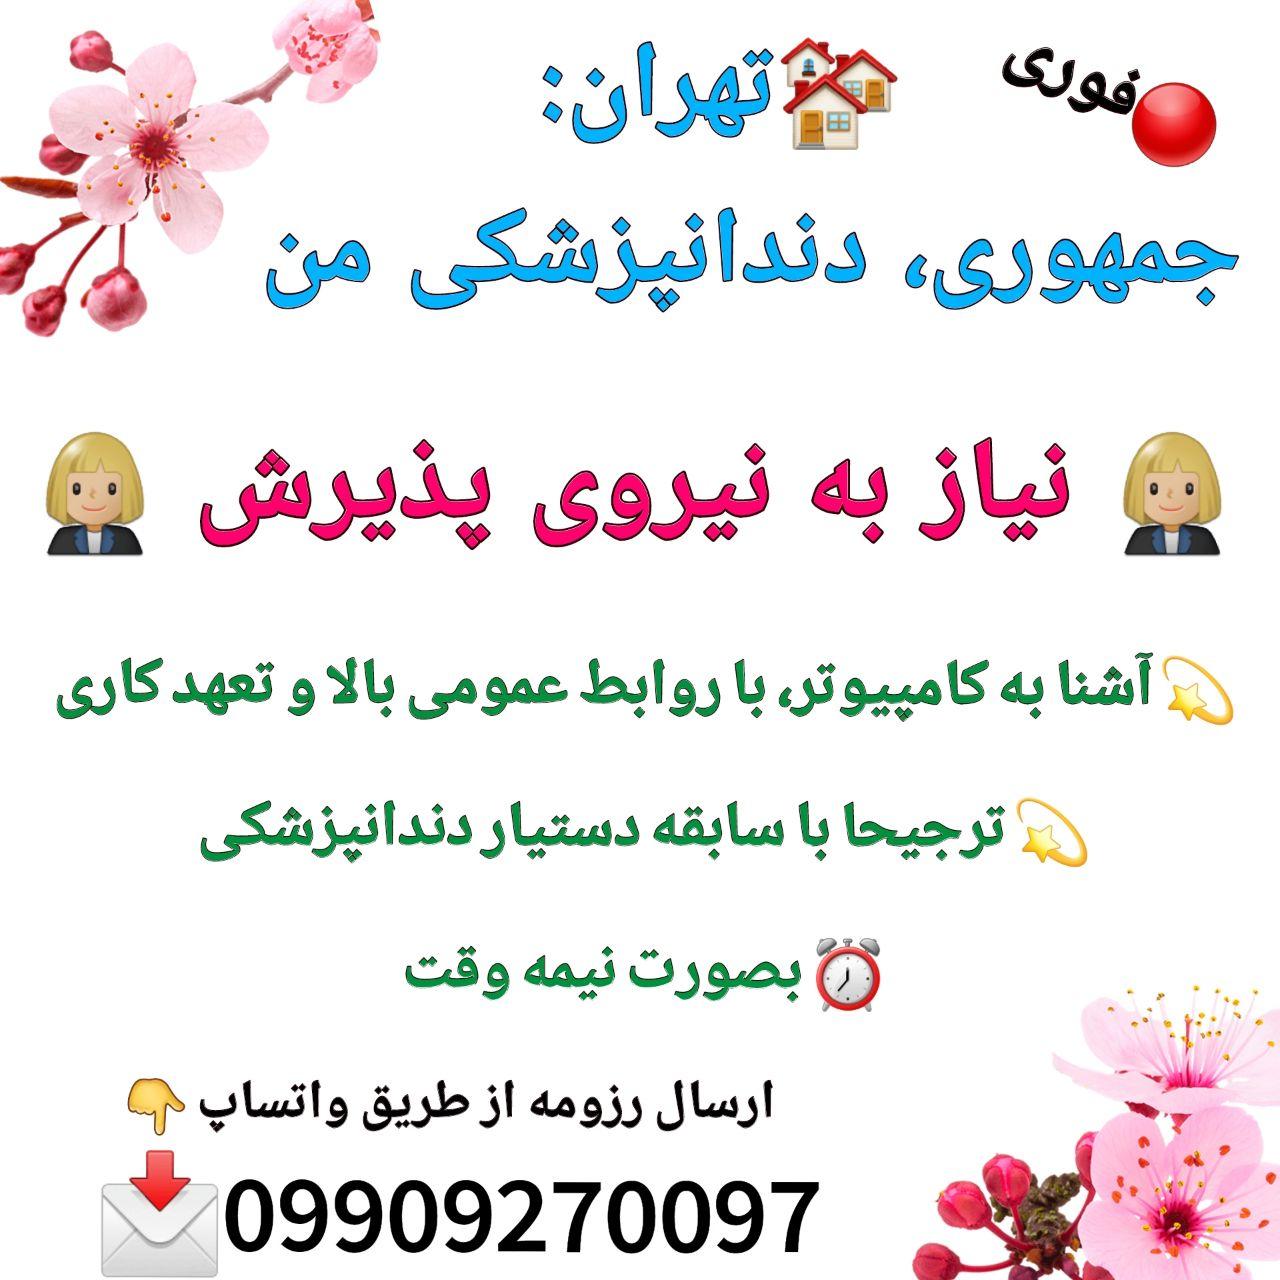 تهران: جمهوری، دندانپزشکی من، نیاز به نیروی پذیرش